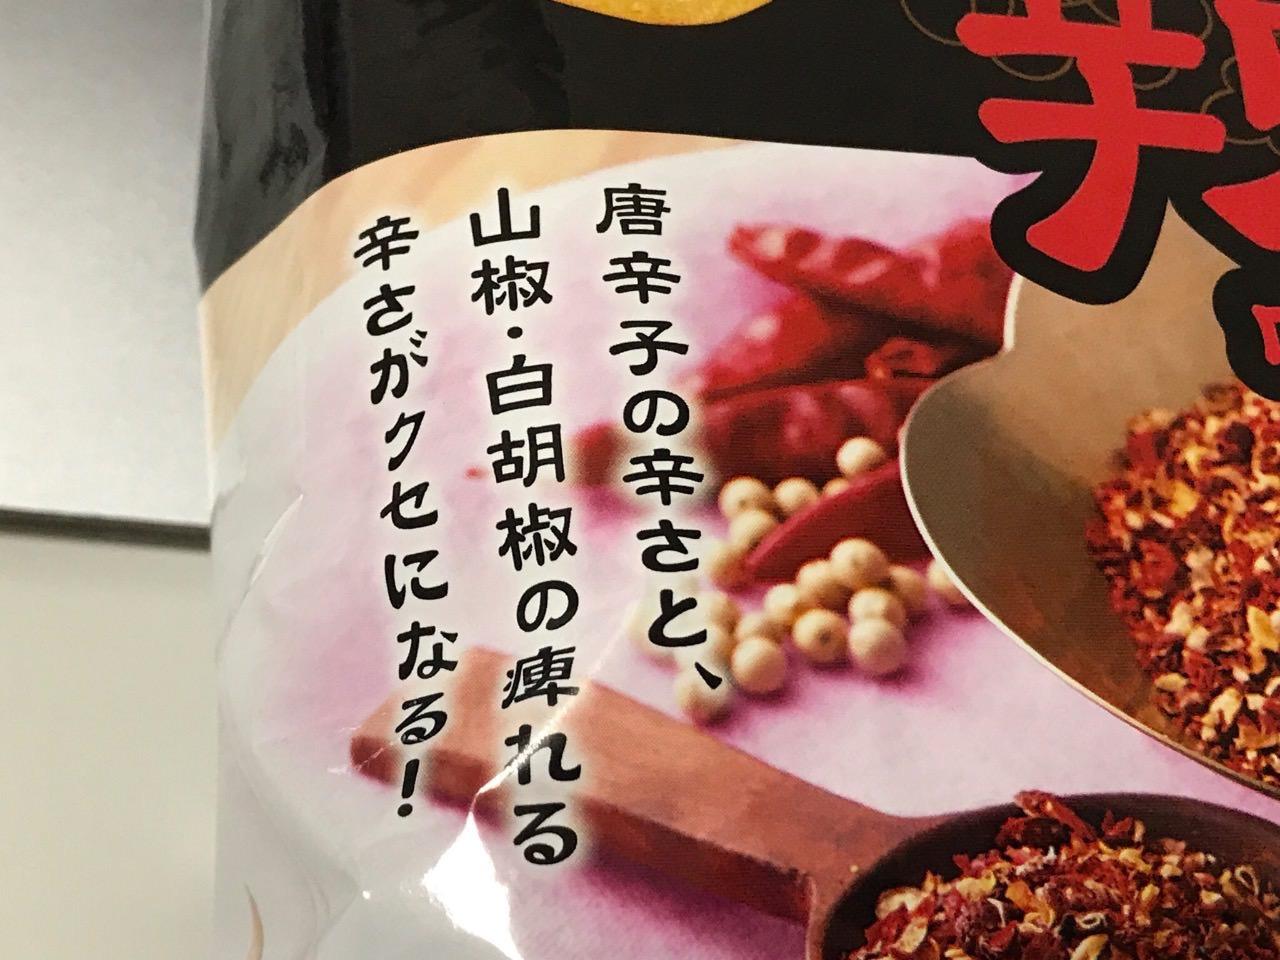 ポテトチップス麻辣味